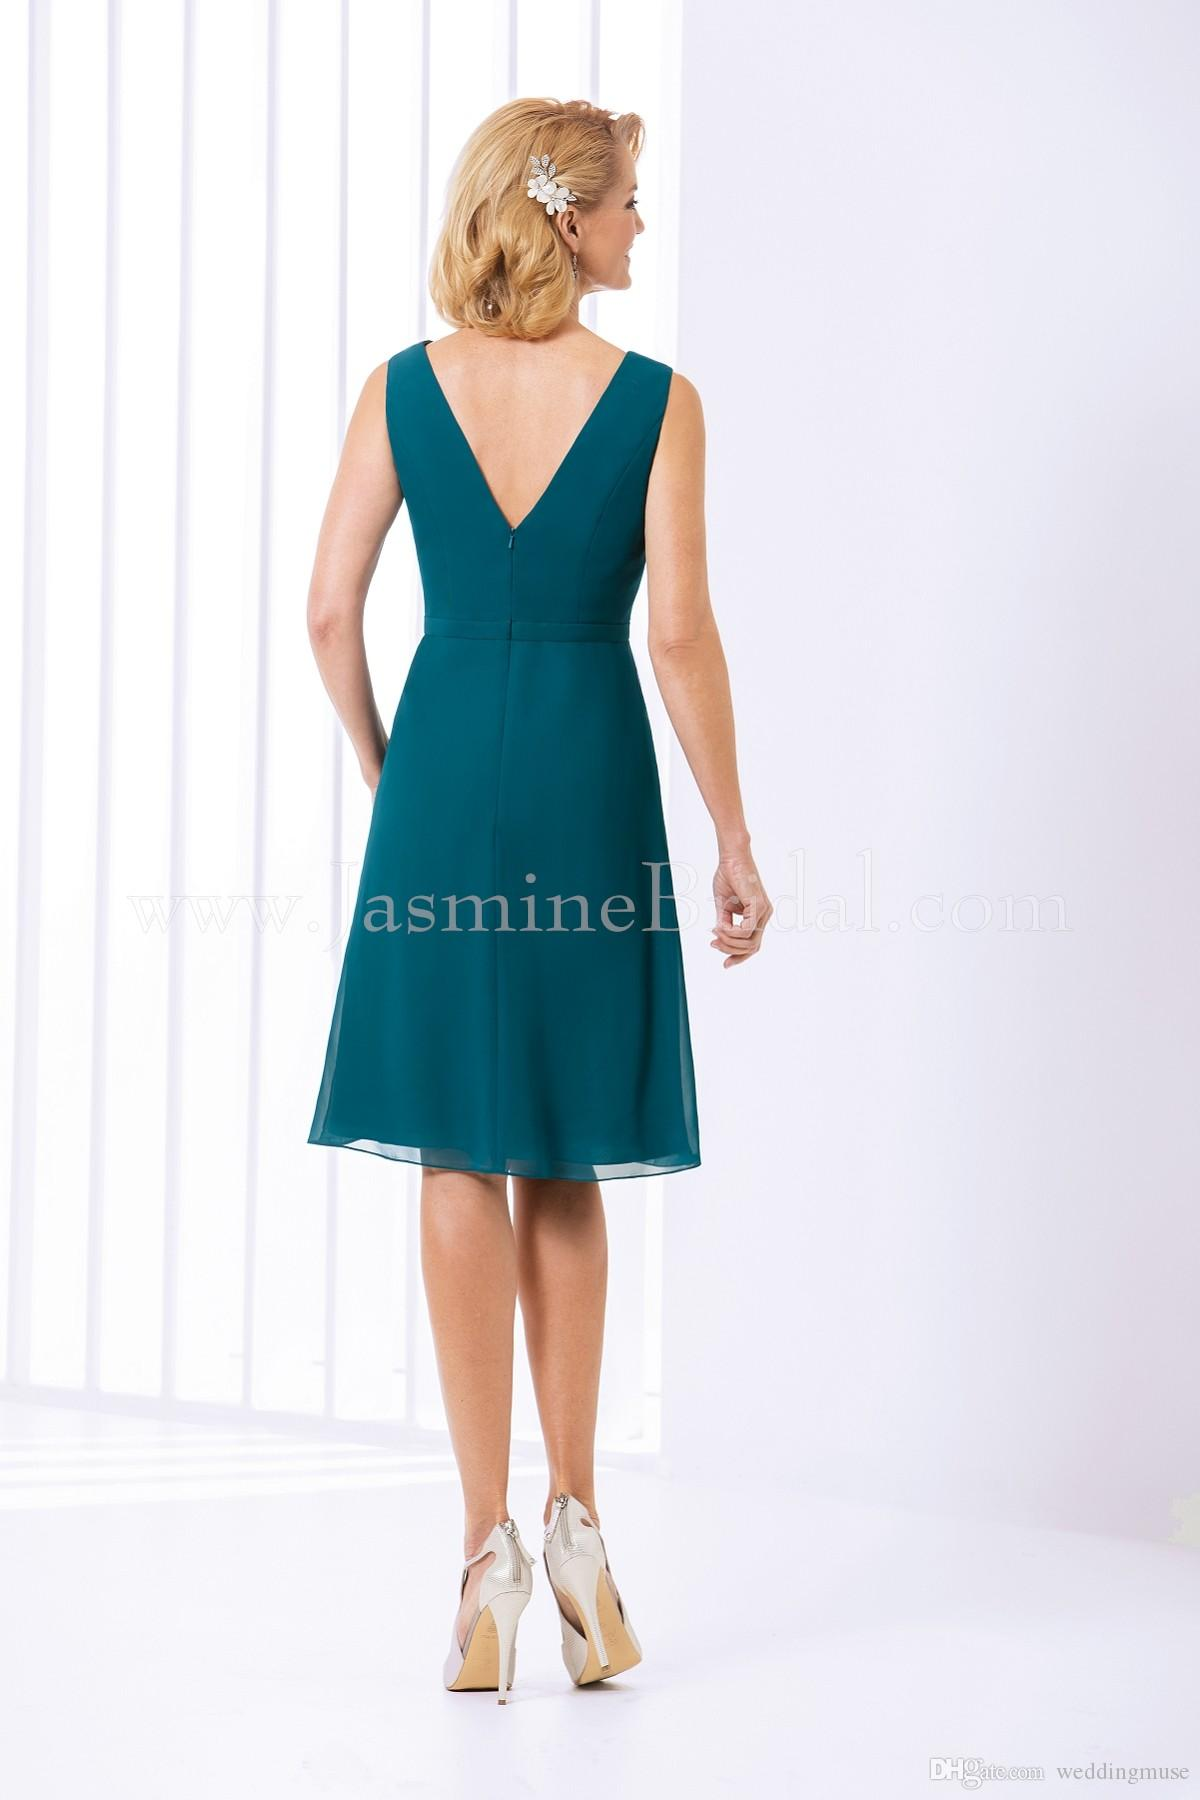 2021 Yeşil Teal Gelin Elbiseler Yasemin V Boyun Kısa Diz Boyu Şifon Örgün Akşam Balo Elbise Düğün Parti